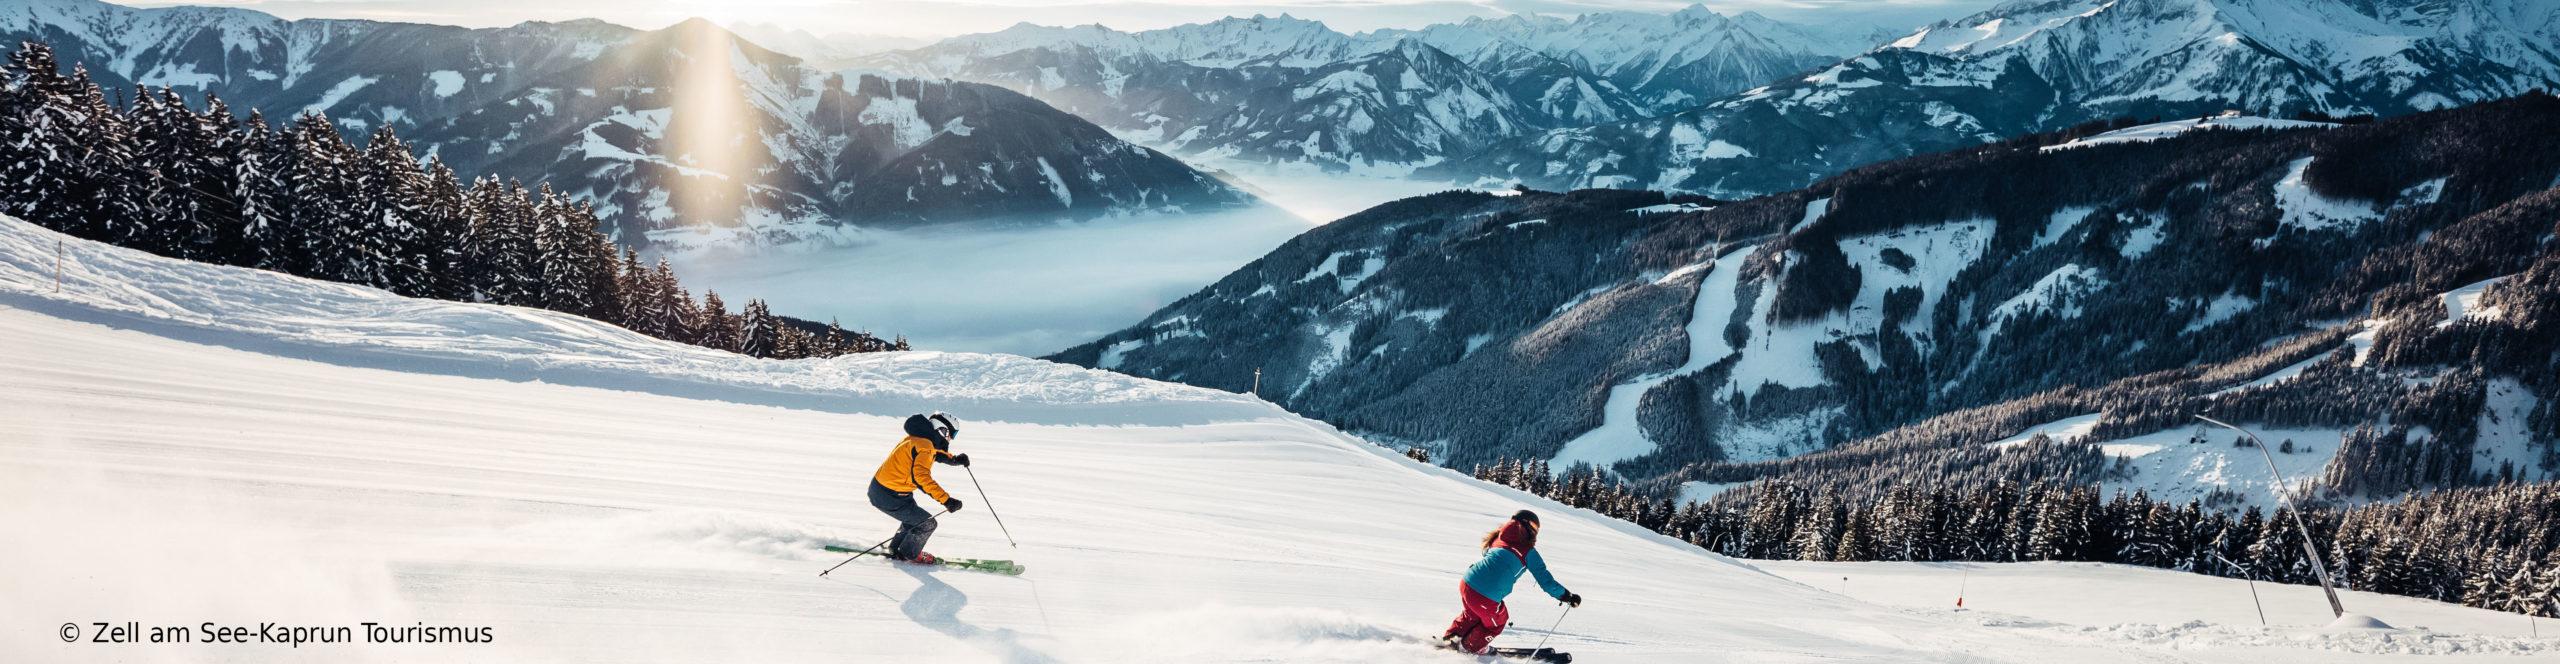 KAPRUN – ZELL AM SEE – Skiwochenende mit Schneegarantie – 3 Sterne Hotel Schritte von der Gondel – Wellness über den Wolken – ab Freitag Nachmittag